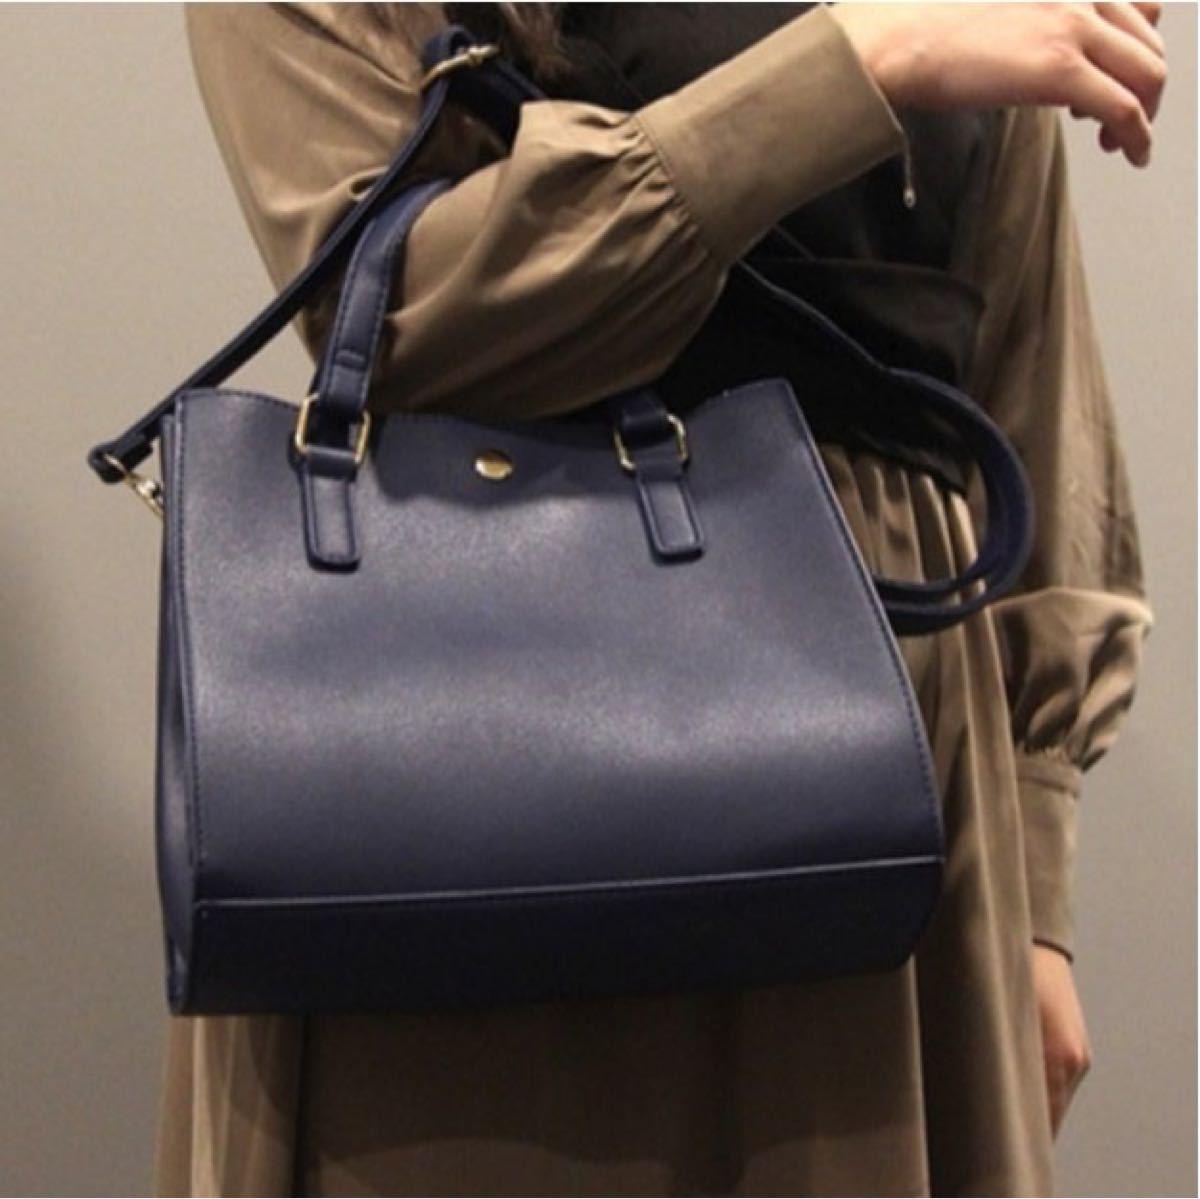 ハンドバッグ ショルダーバッグ ミニバッグ 2way ファスナー付き オフィス ネイビー 斜め掛け バッグ 紺 レザー調 ポケット